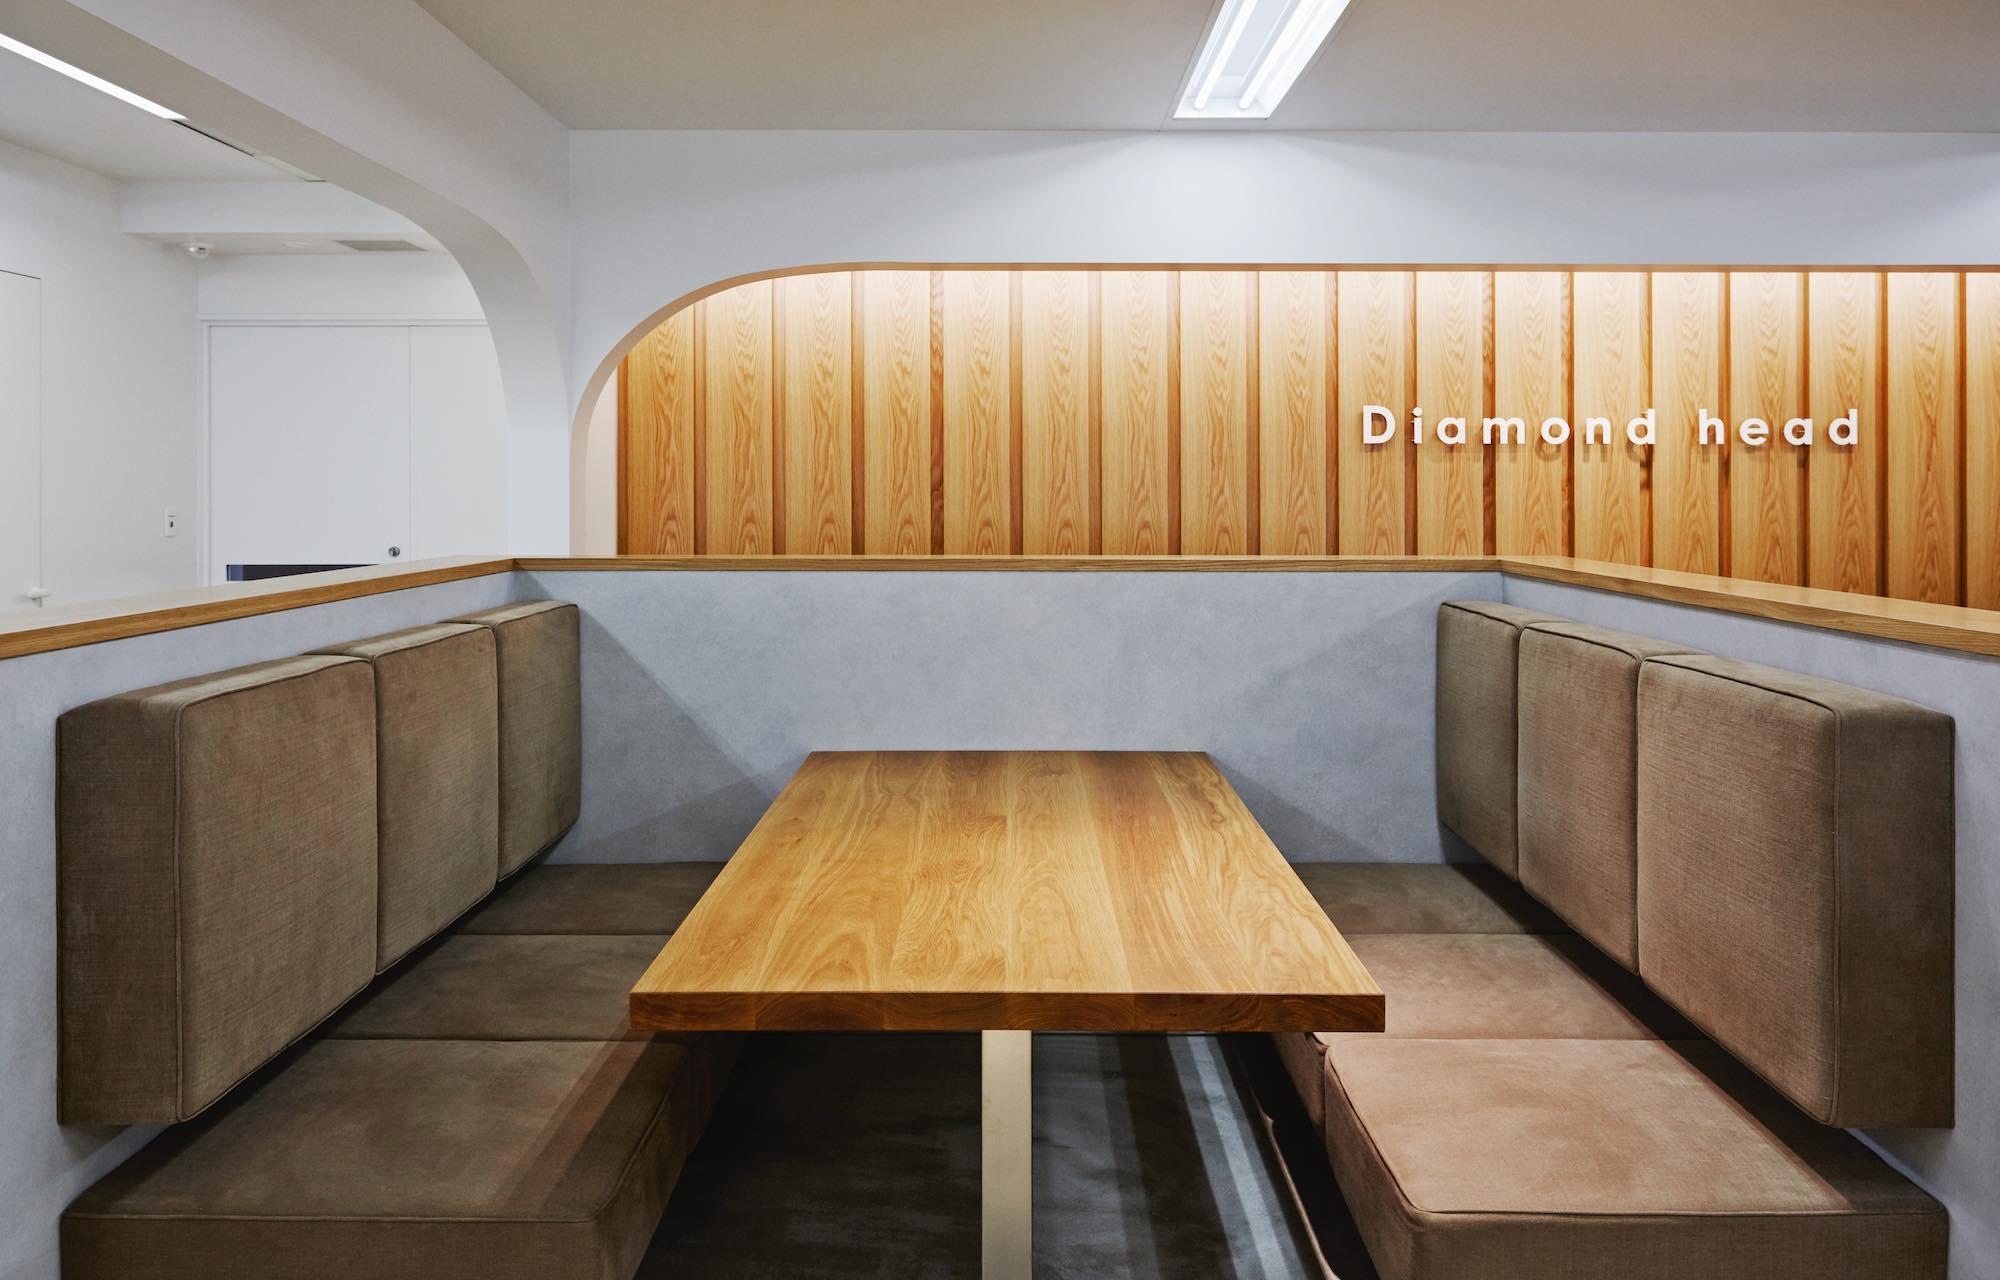 ダイアモンドヘッド株式会社 Tokyo Office Meeting Space_3 デザイン・レイアウト事例